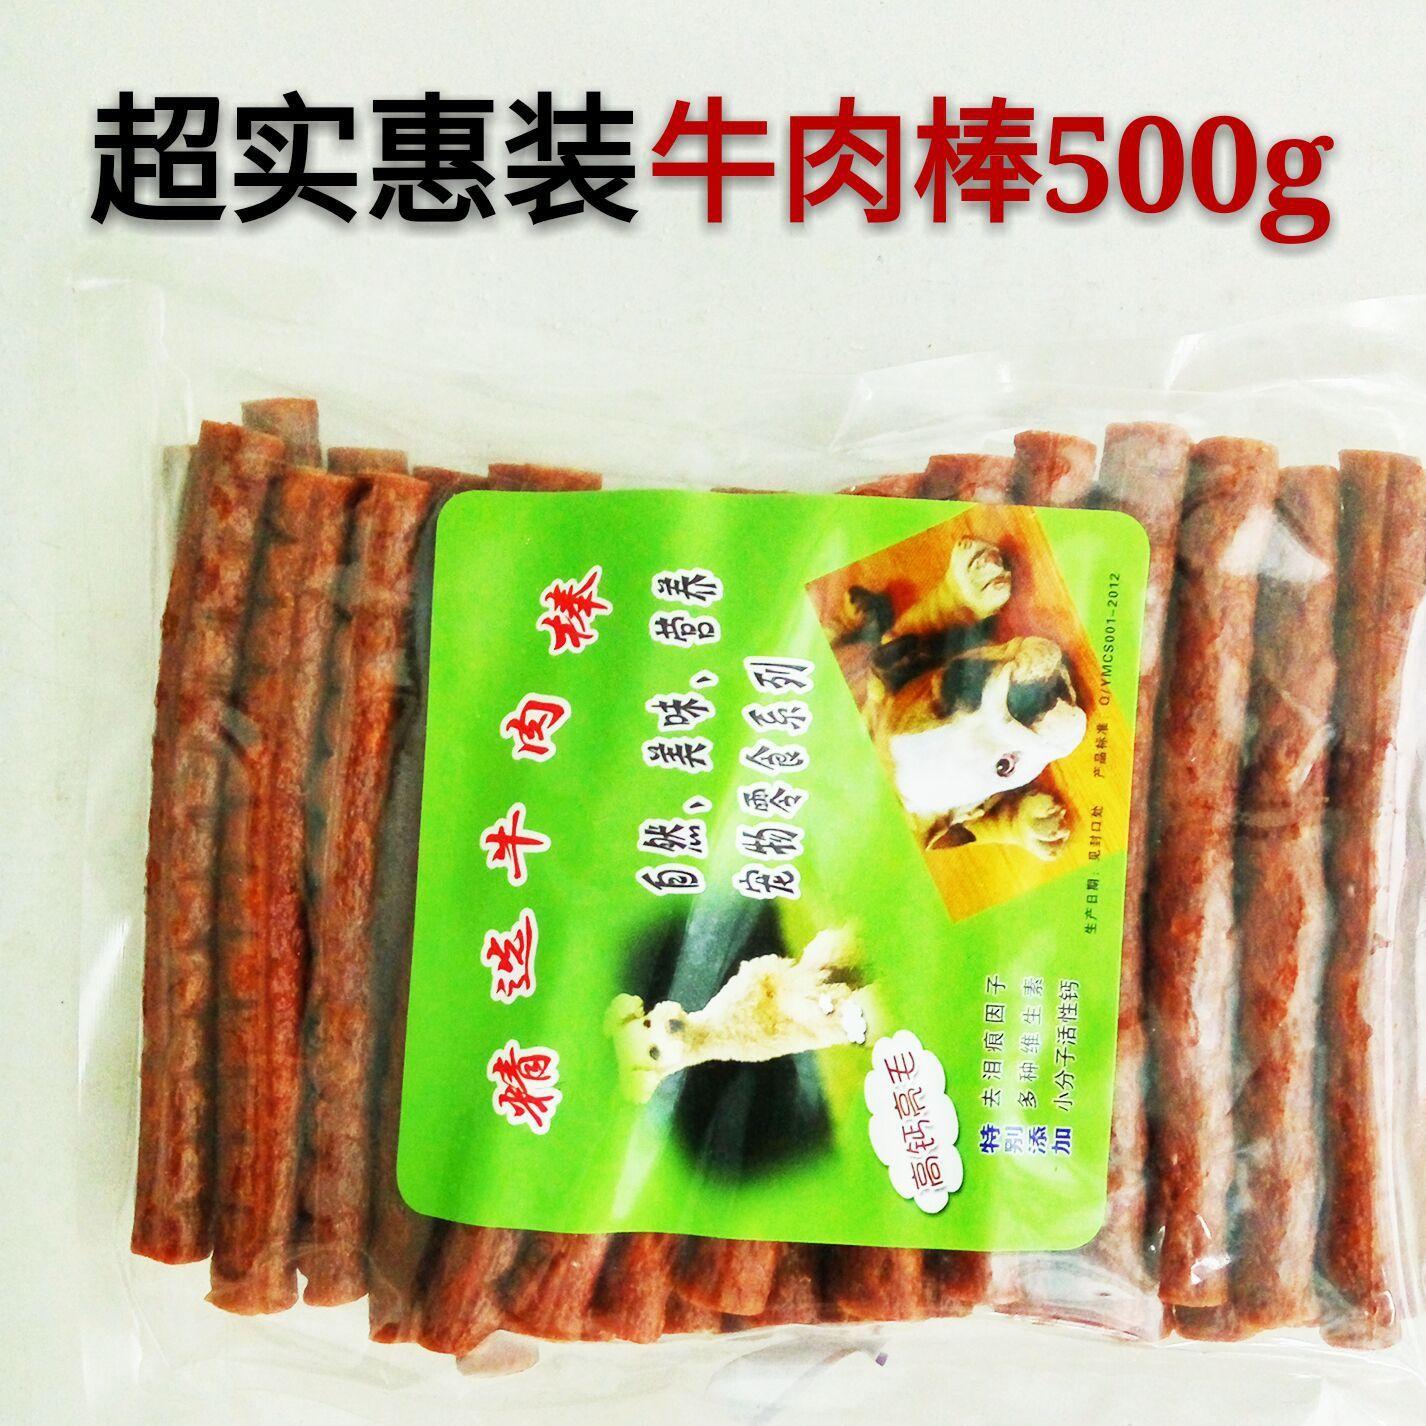 高宠牛500g狗狗牛肉条肉块狗粮 训狗宠物零食泰迪金毛批发